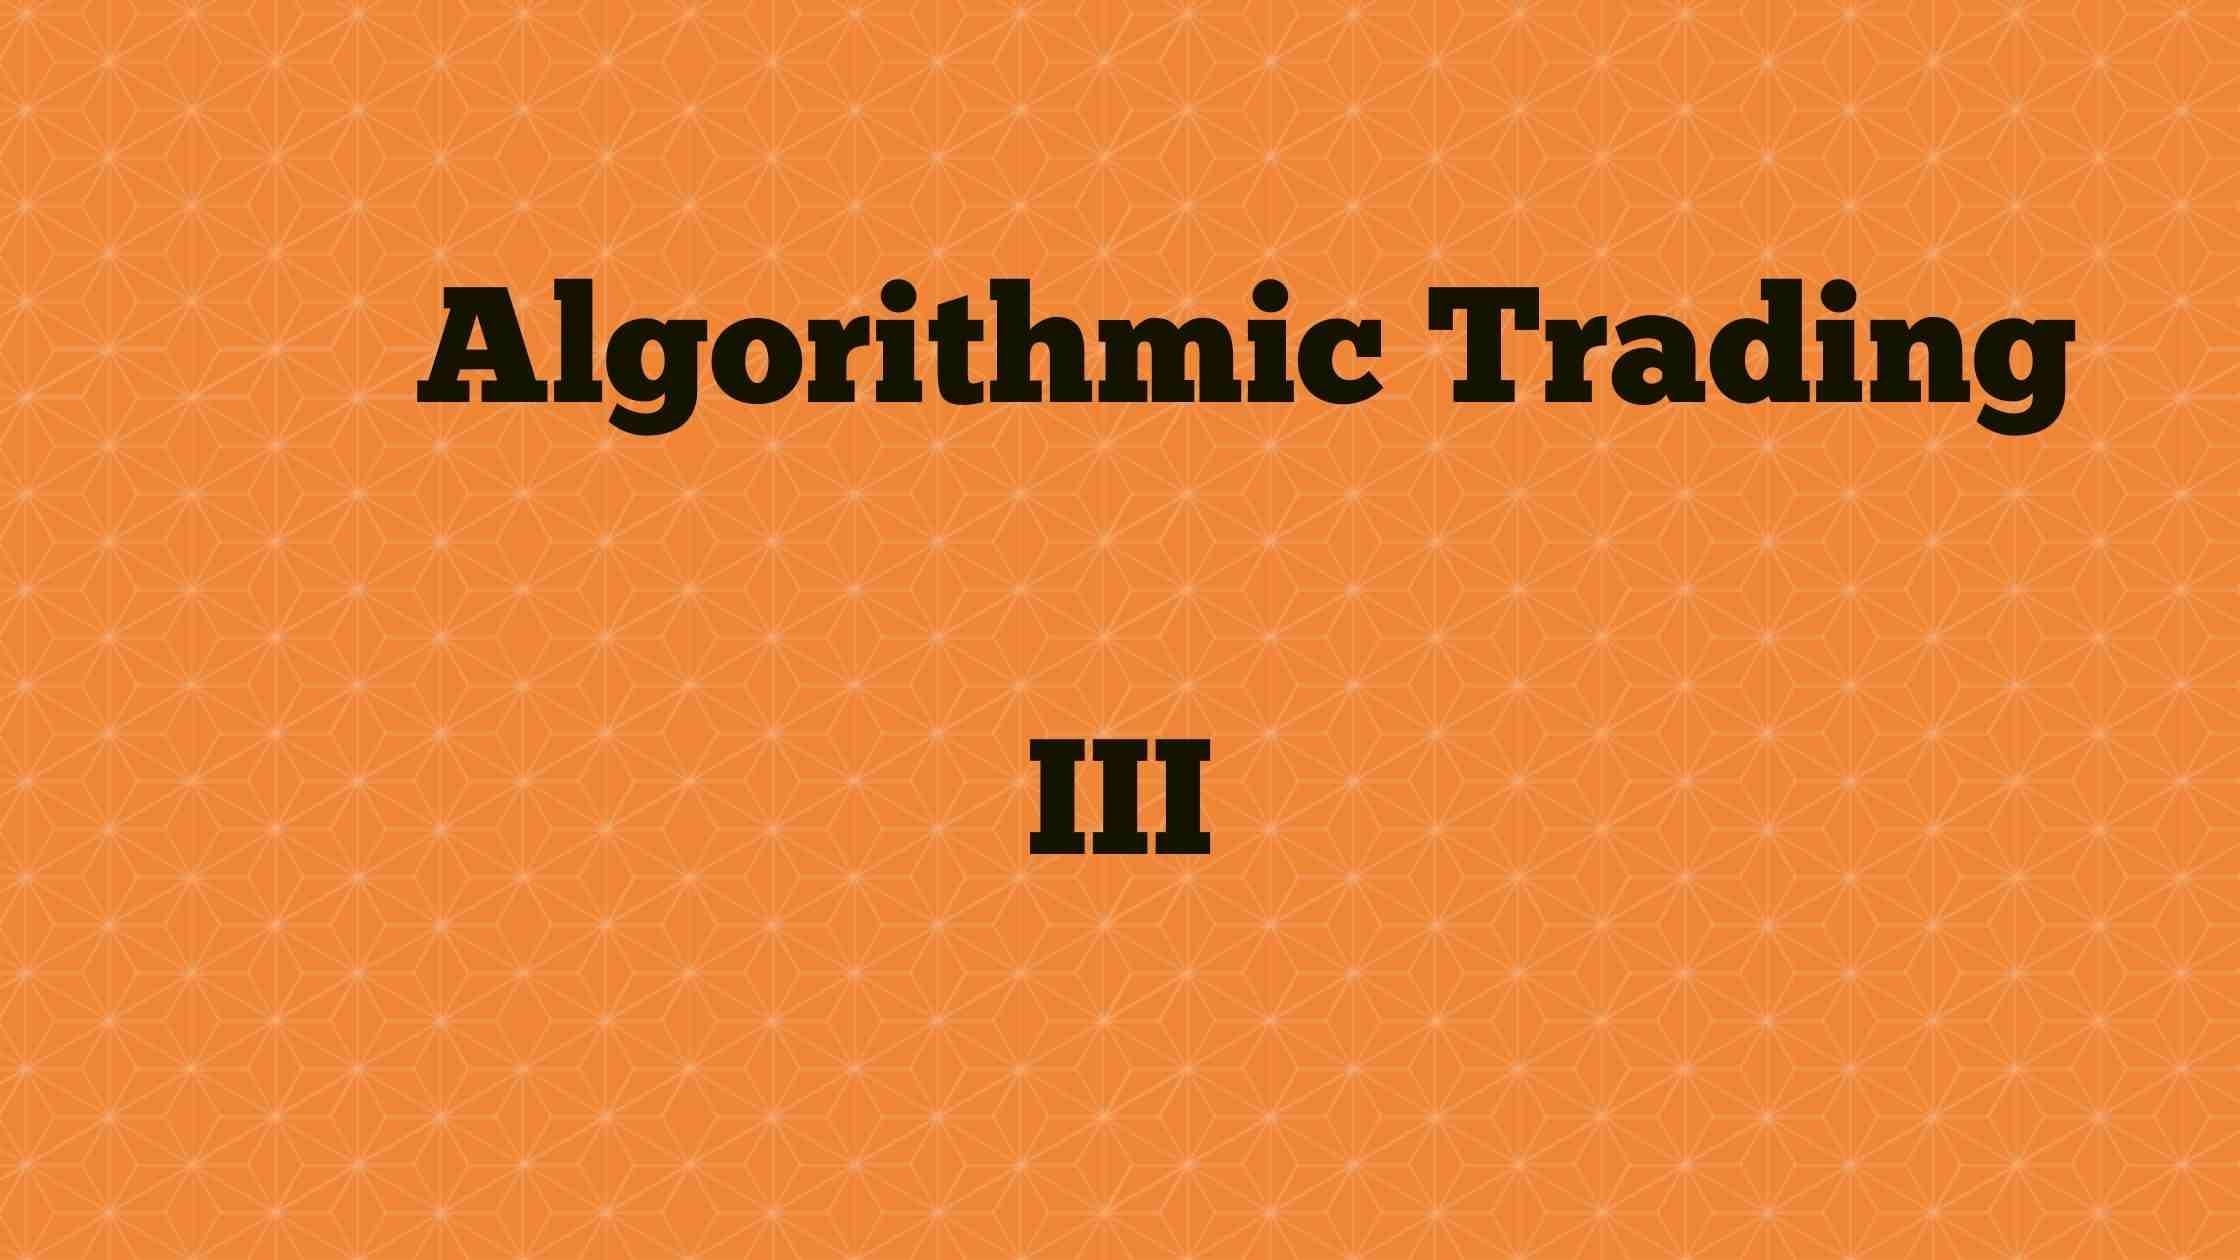 Algorithmic Trading - III